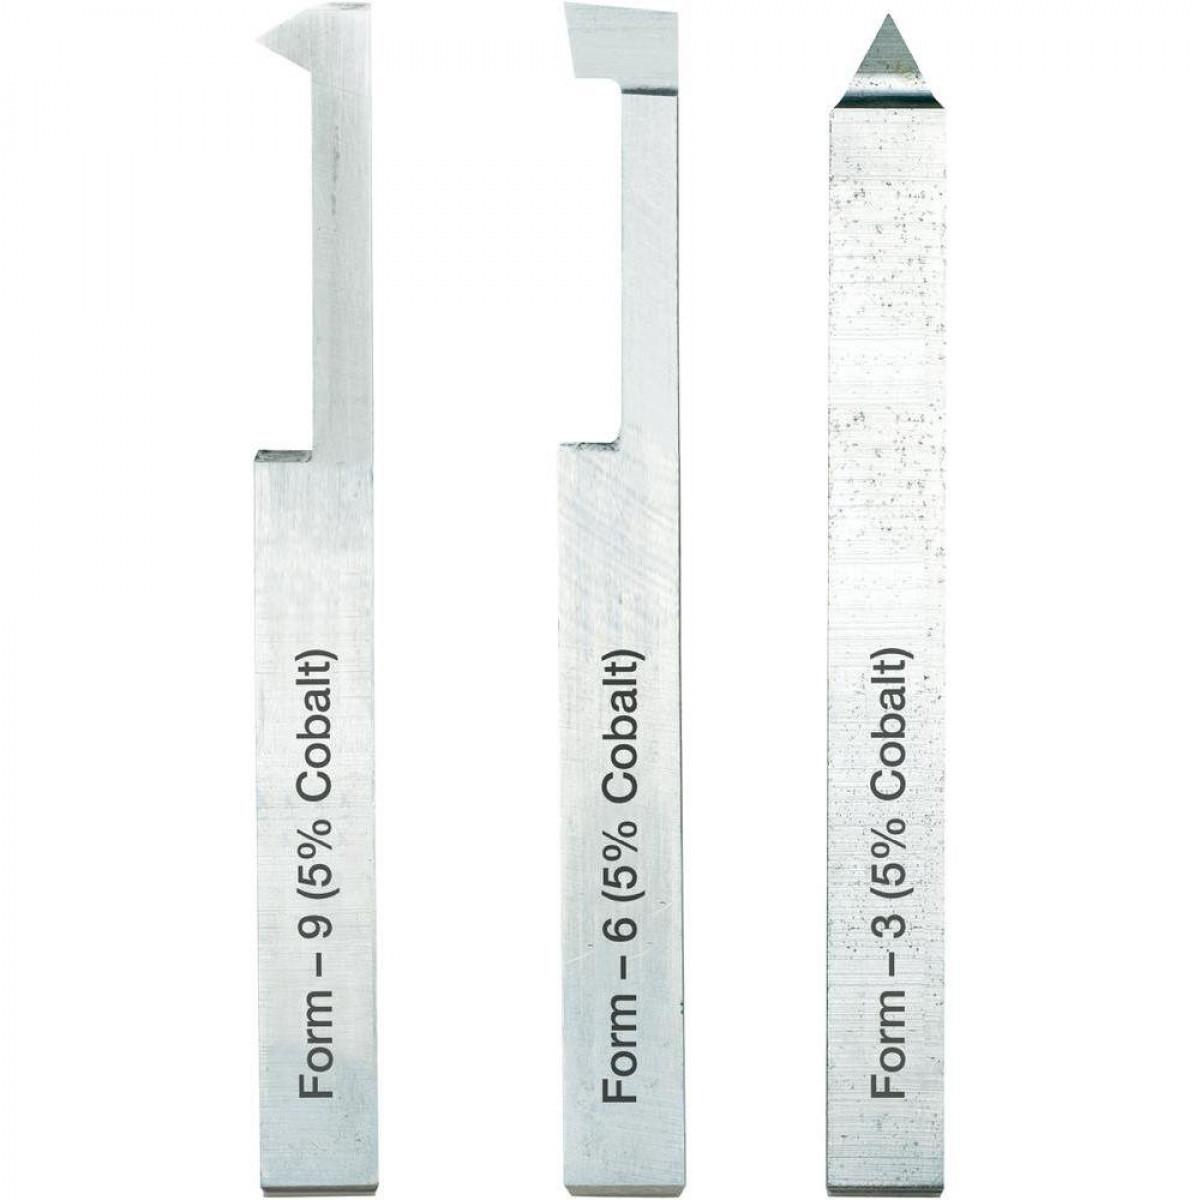 Набор резцов для нарезания резьбы Proxxon 10x10x80 мм, 3 шт. (24552)